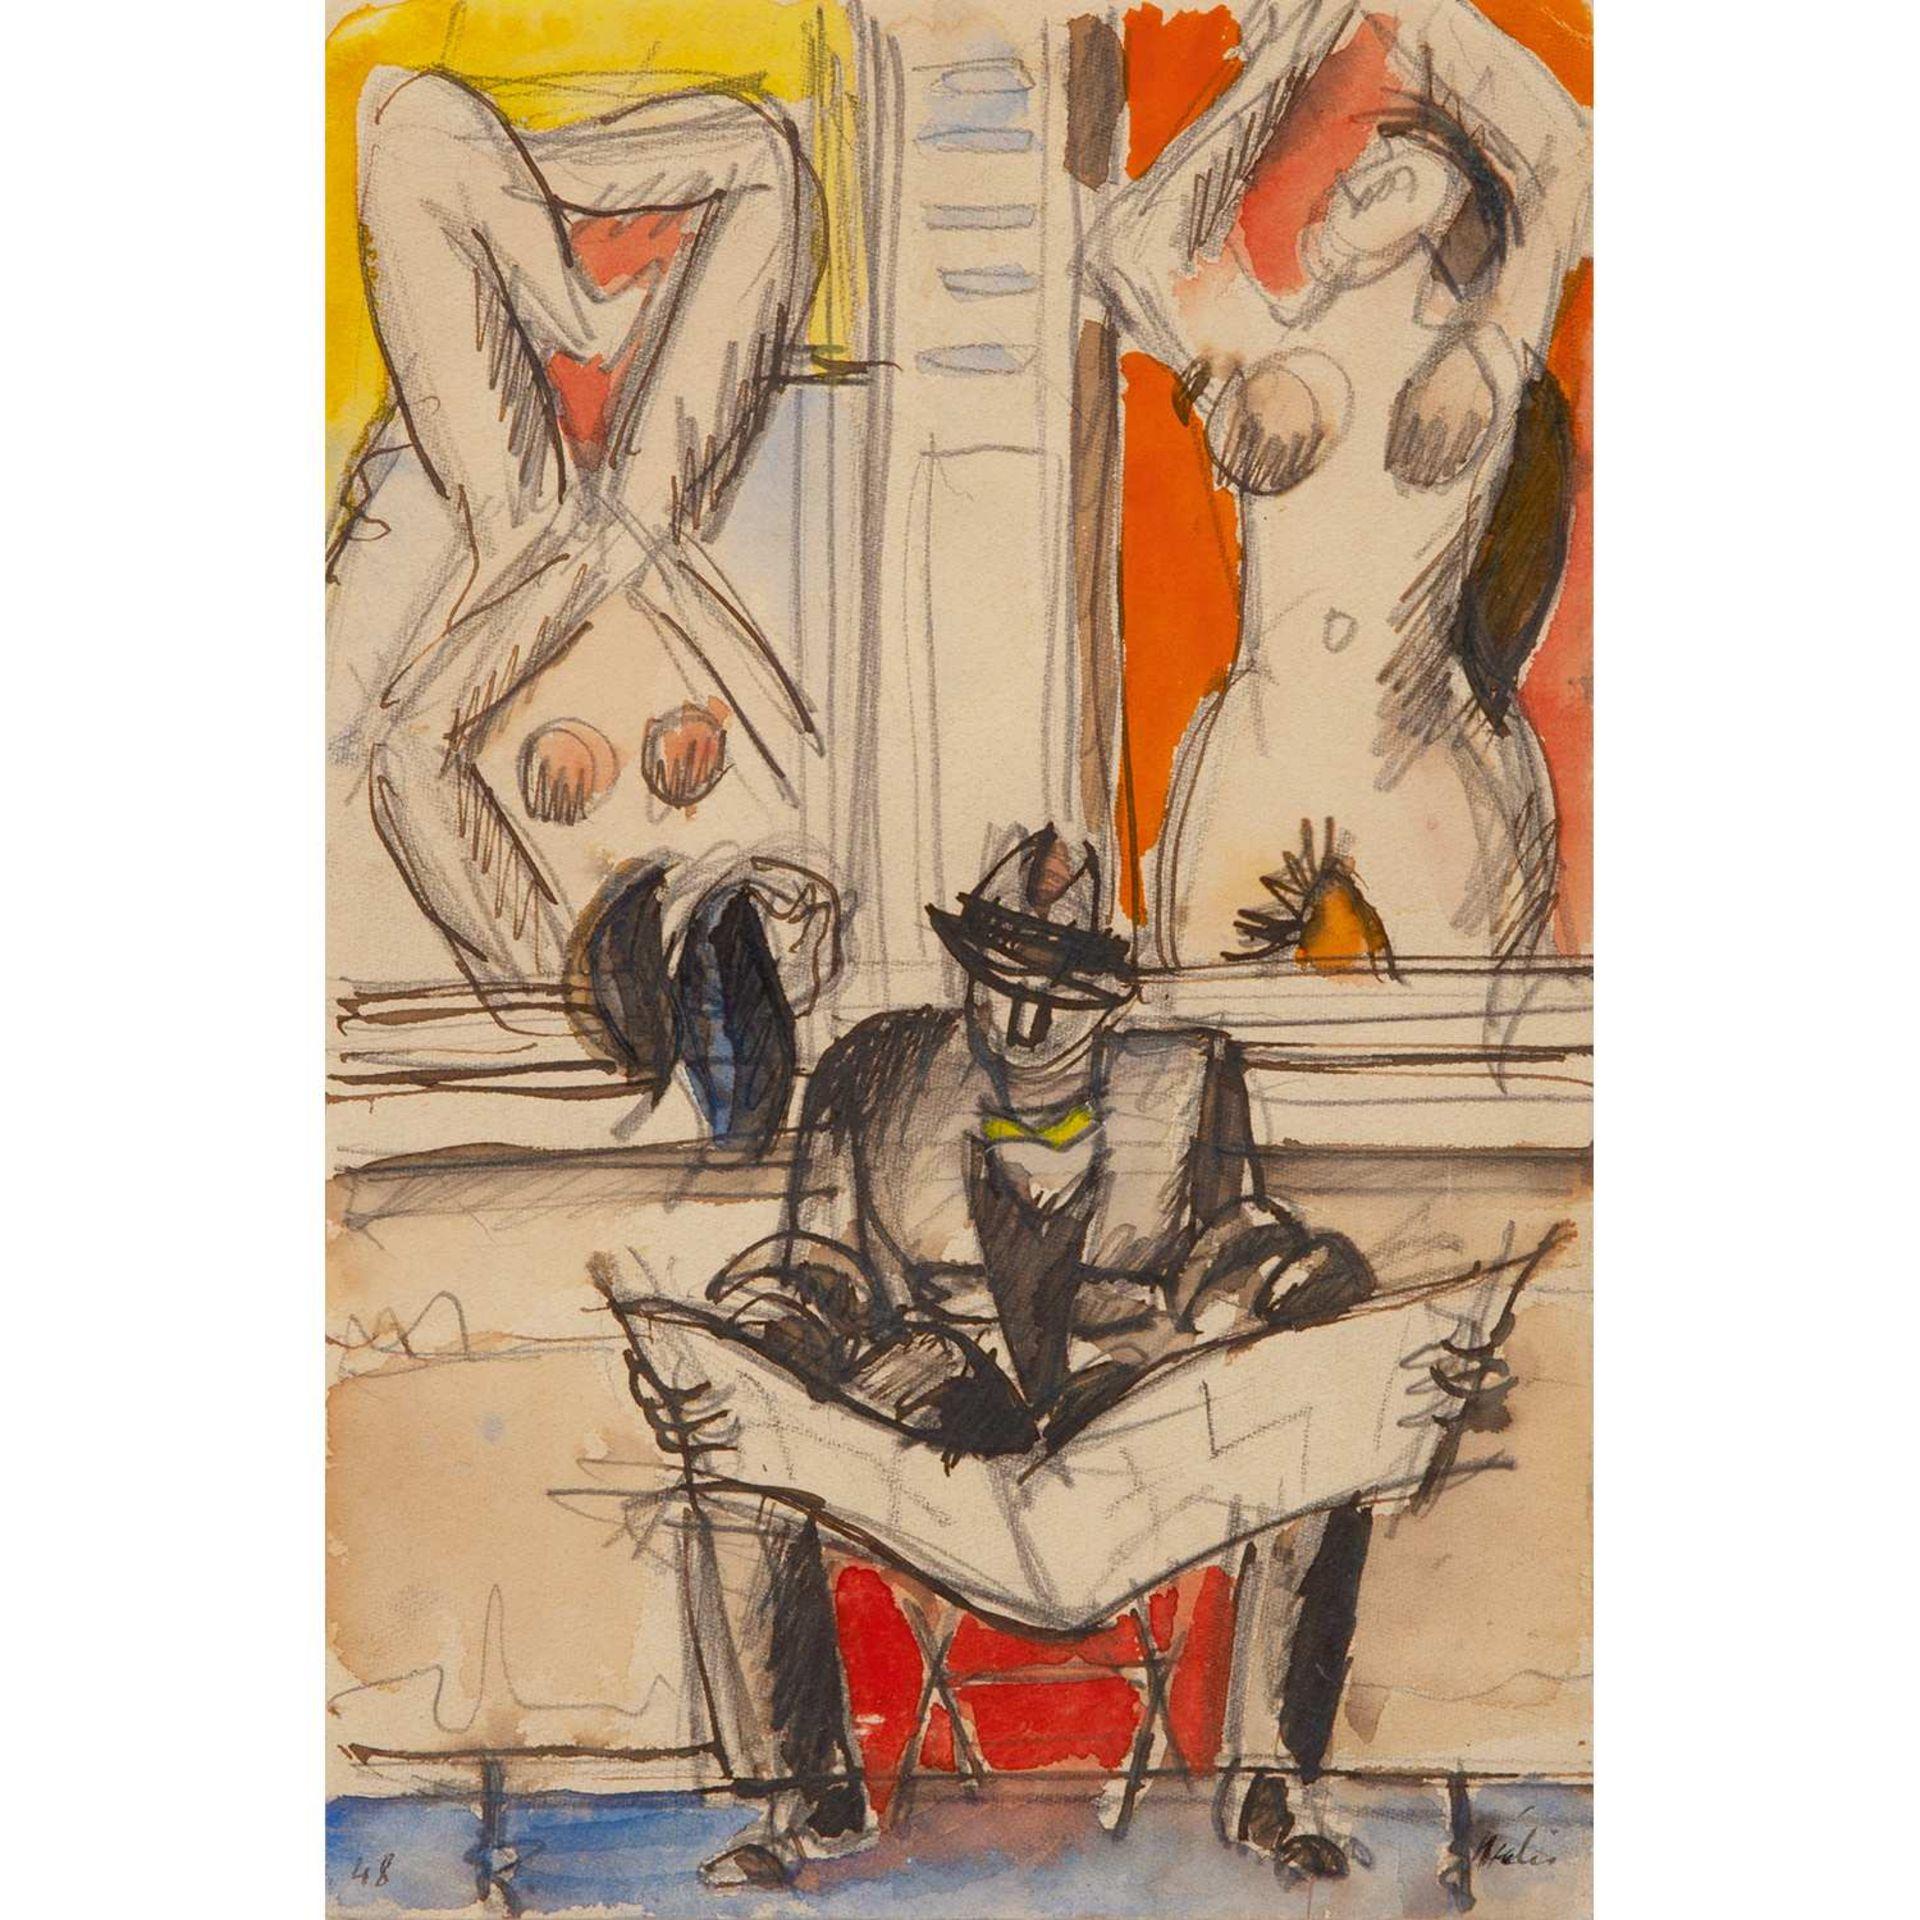 Los 38 - JEAN HÉLION (1904-1987) LE JOURNALIER AUX FEMMES NUES, 1948 Gouache, aquarelle et crayon sur